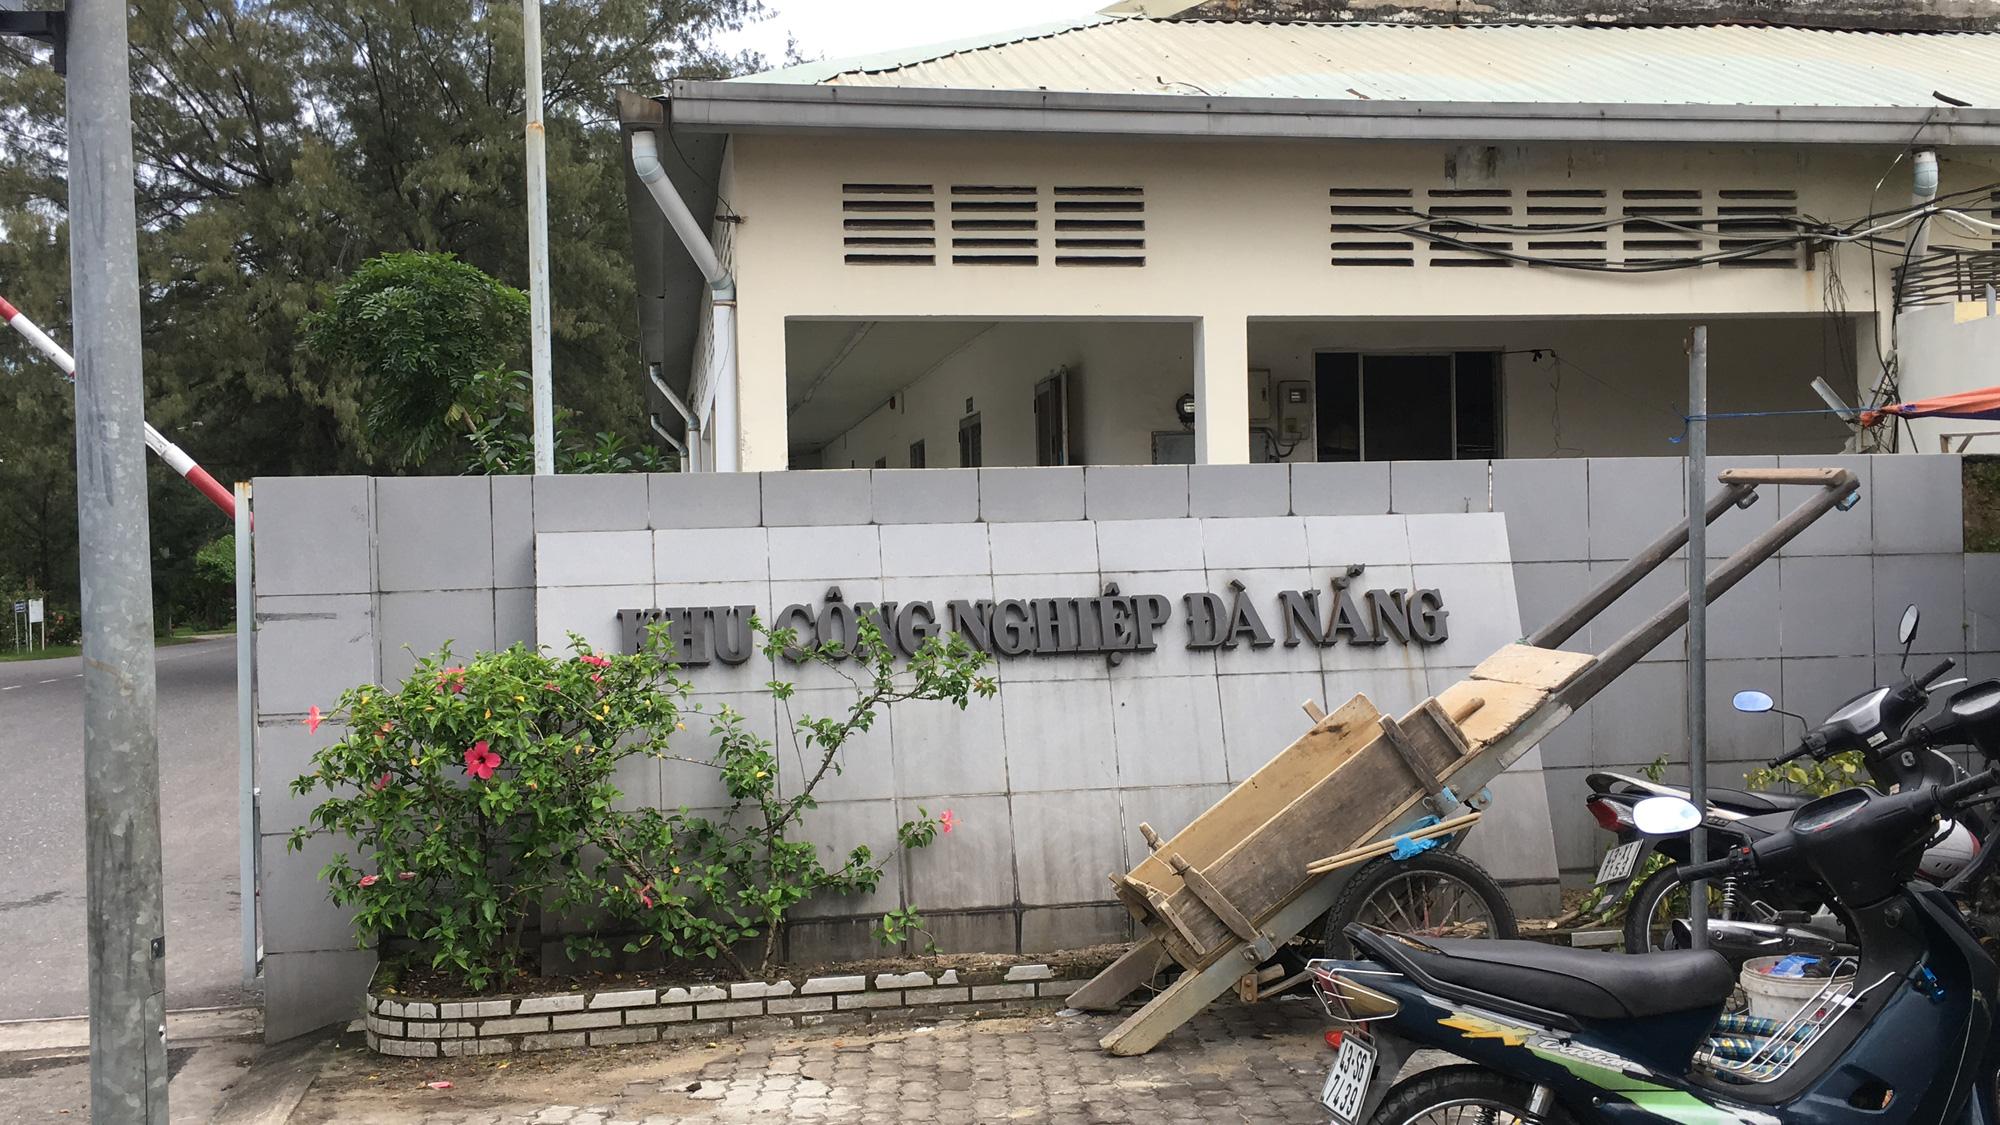 Cận cảnh đất vàng KCN An Đồn, Đà Nẵng làm bệnh viện Nhi 100 triệu đô - Ảnh 3.